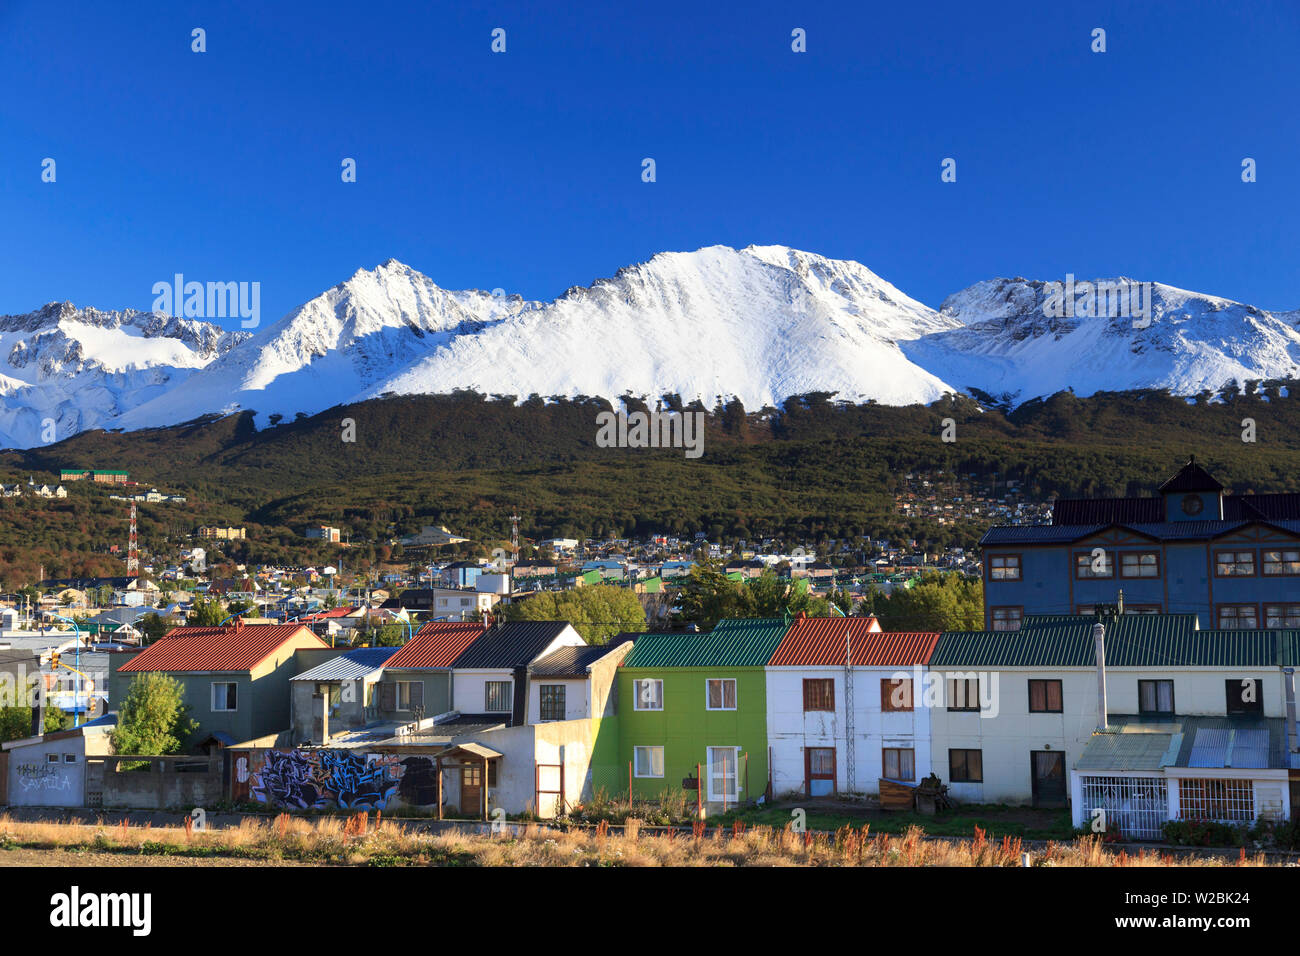 Argentina, Tierra del Fuego, Ushuaia - Stock Image